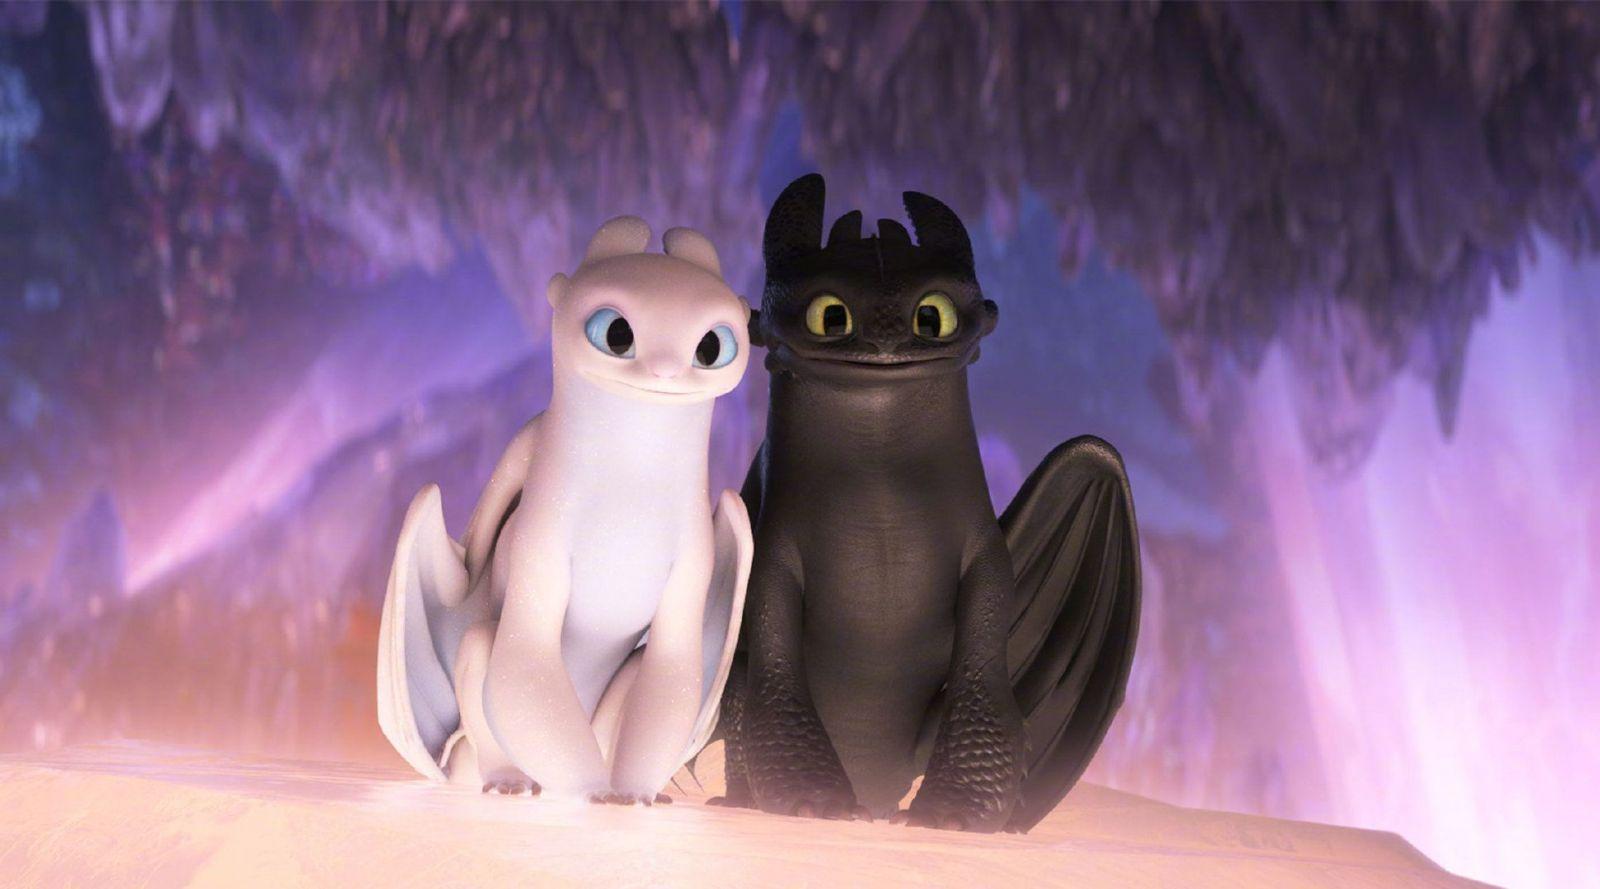 Emotívna rozlúčka so Štikútom a Bezzubkou ovládla kiná po celom svete a zarába rekordné tržby (Box Office)